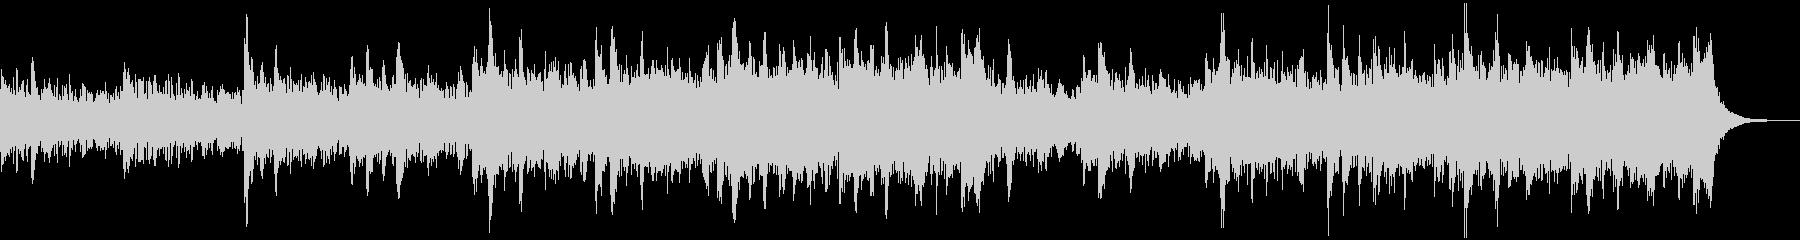 企業VP映像、175オーケストラ、爽快Lの未再生の波形